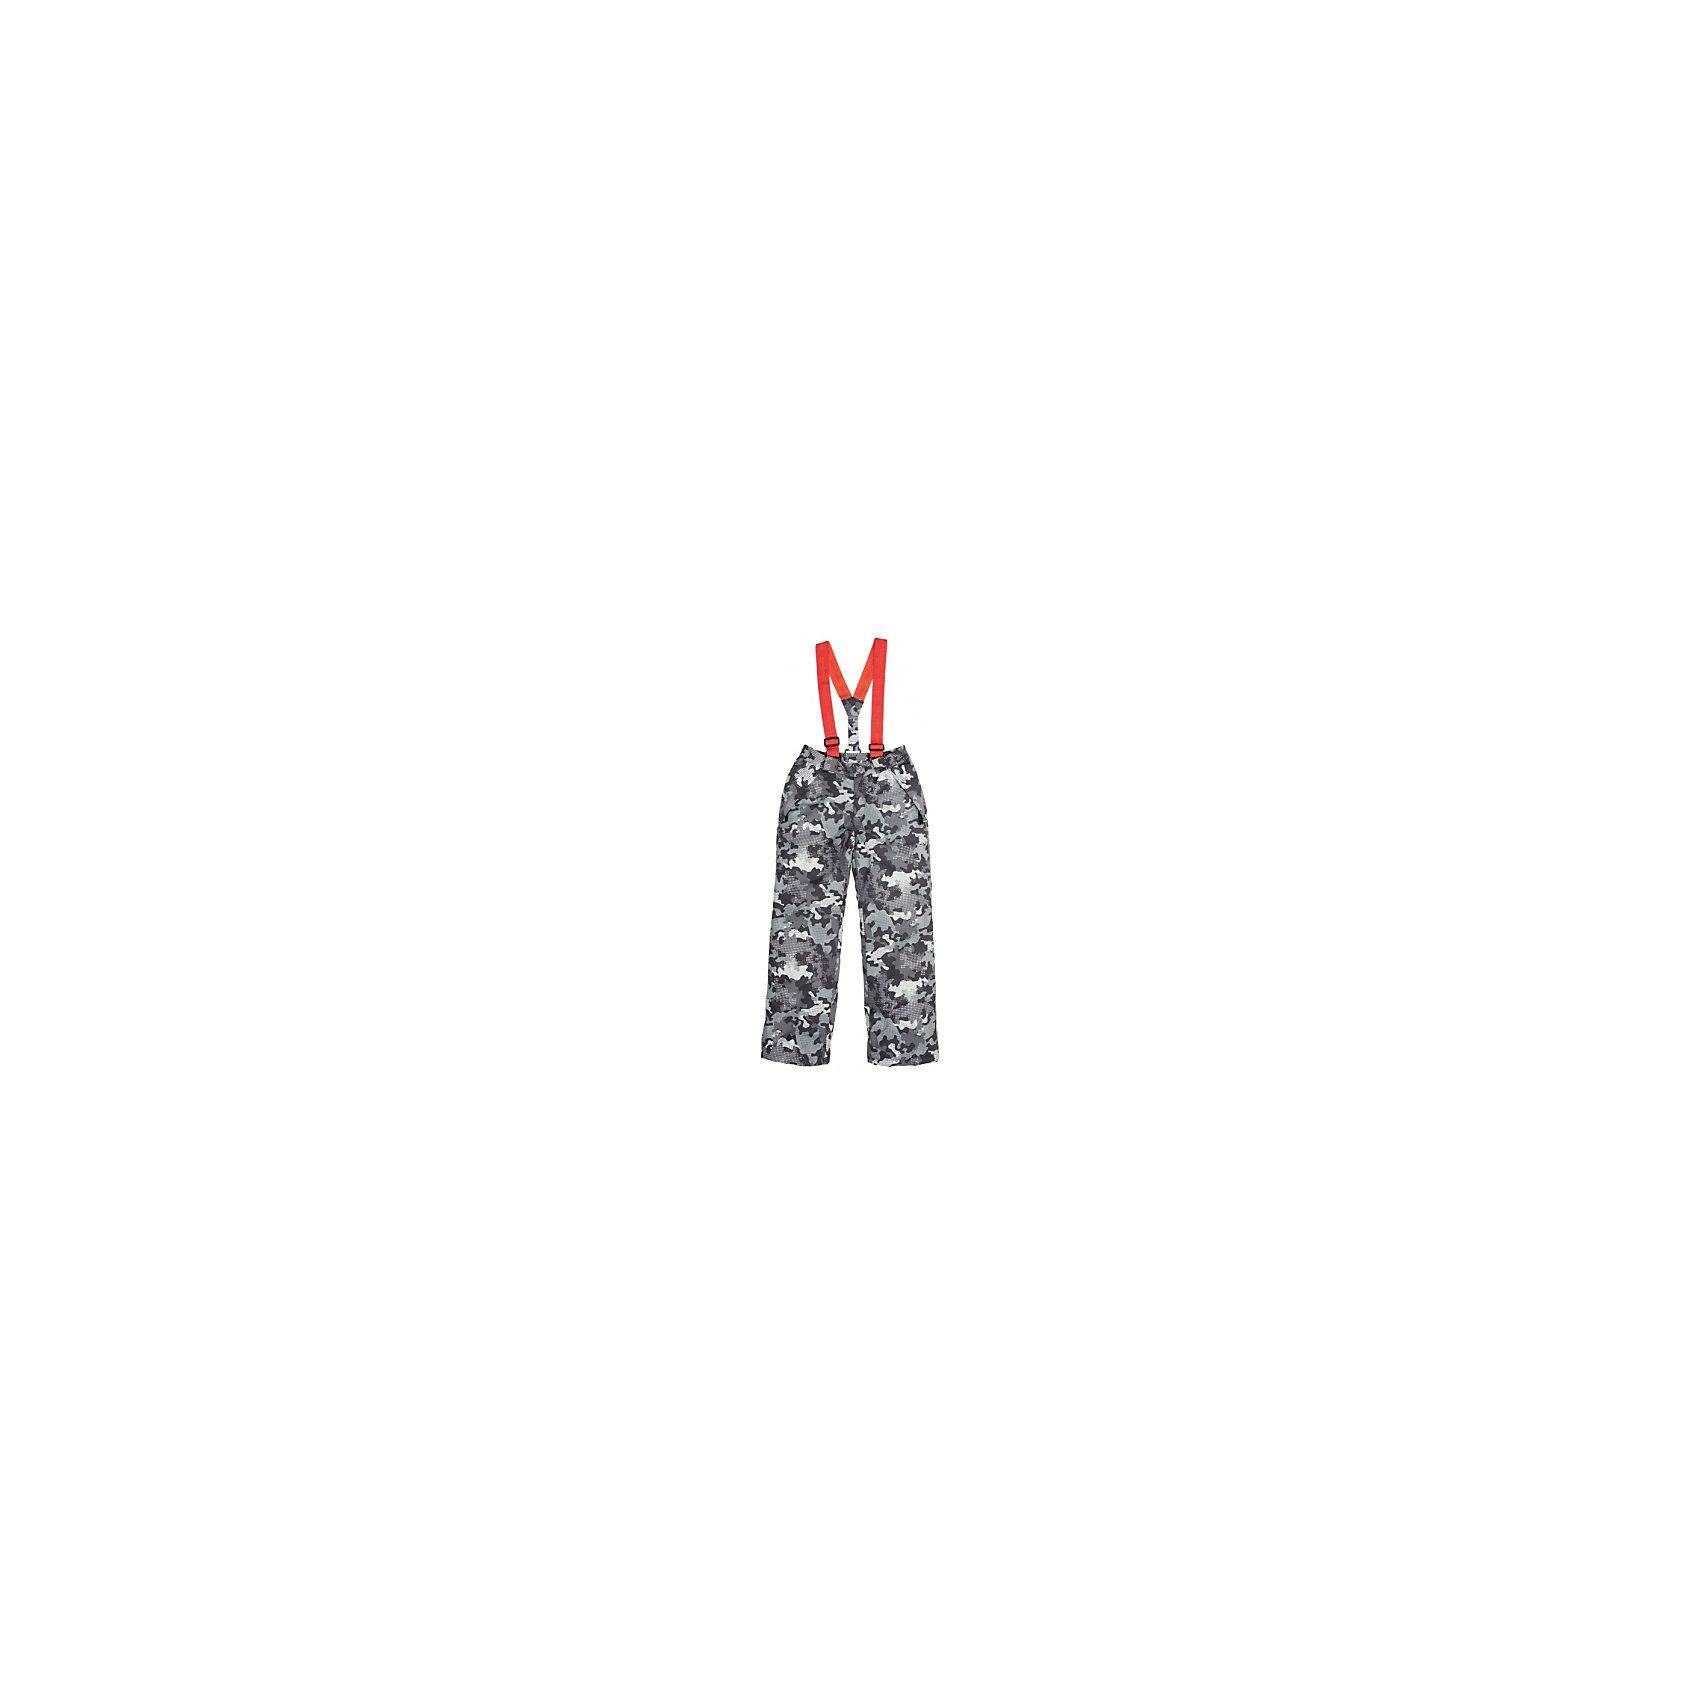 Полукомбинезон для мальчика ScoolВерхняя одежда<br>Полукомбинезон для мальчика Scool – идеальный вариант для любой погоды.<br>Утепленные брюки с бретелями, регулируемыми по длине. Сделан полукомбинезон из непромокаемого материала. Низ штанин затягивается стоперами. Есть специальная подкладка, надевающаяся на сапоги, против попадания снега. Два кармана на молнии также защищены от попадания снега. Полукомбинезон застегивается на молнию и кнопку с липучкой. <br><br>Дополнительная информация:<br><br>- материал: верх и подкладка – 100% полиэстер, наполнитель 100% полиэстер<br>- цвет: серый, милитари<br><br>Полукомбинезон для мальчика Scool можно купить в нашем интернет магазине.<br><br>Ширина мм: 215<br>Глубина мм: 88<br>Высота мм: 191<br>Вес г: 336<br>Цвет: серый<br>Возраст от месяцев: 156<br>Возраст до месяцев: 168<br>Пол: Мужской<br>Возраст: Детский<br>Размер: 164,152,134,158,140,146<br>SKU: 4911558